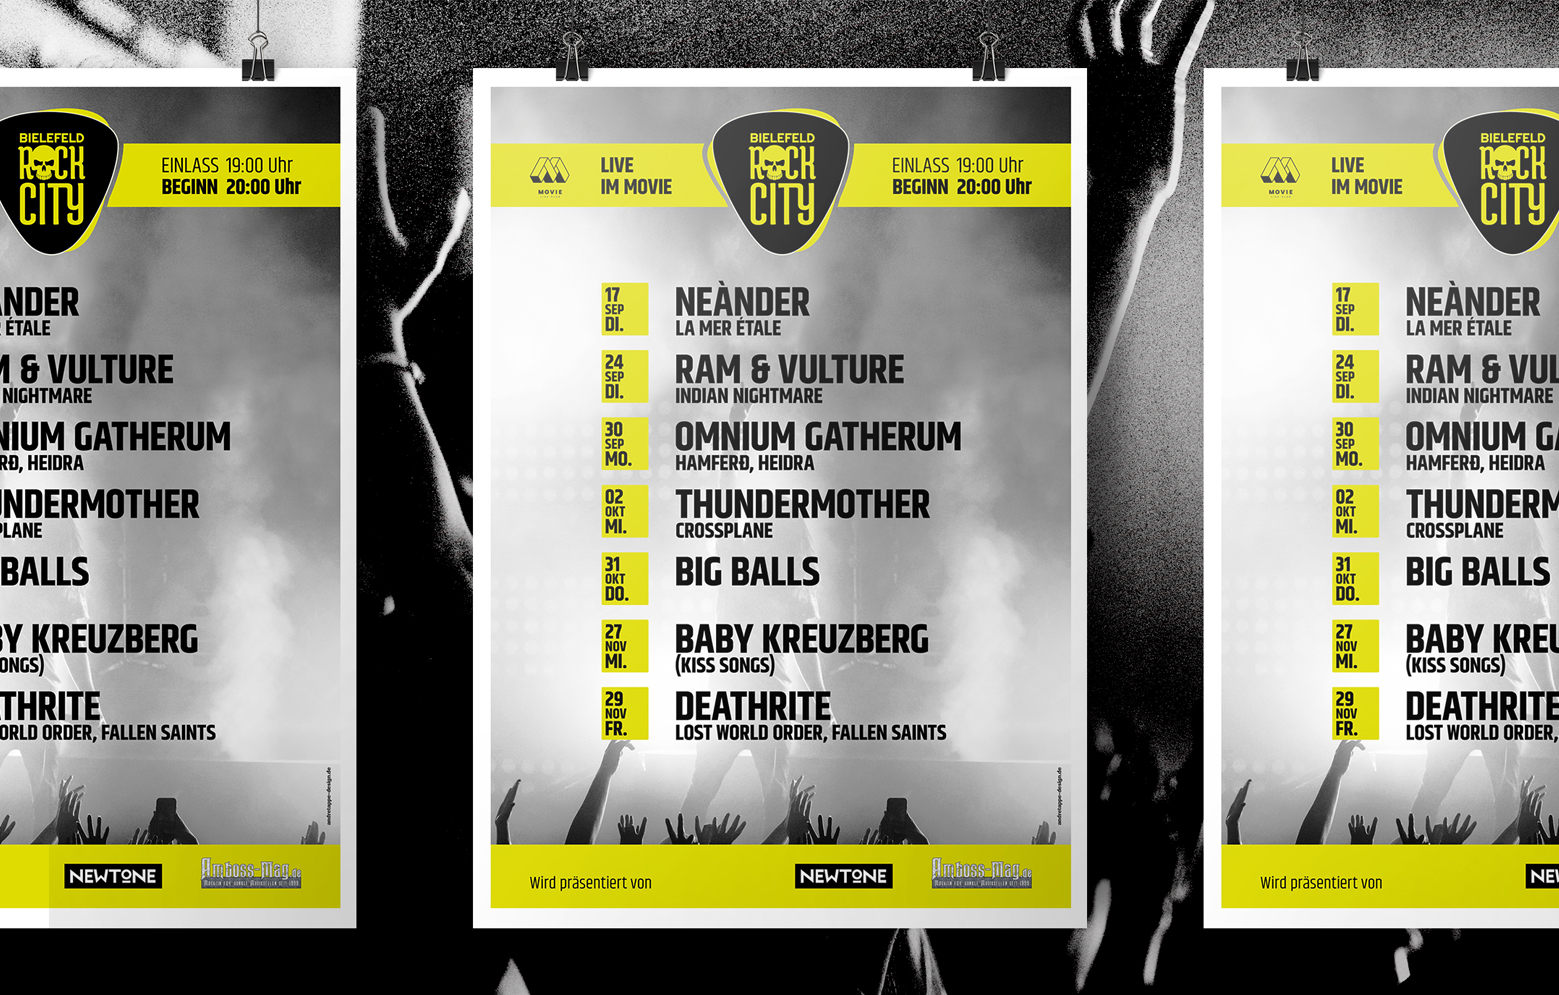 Veranstaltungsplakat von Rock City Bielefeld